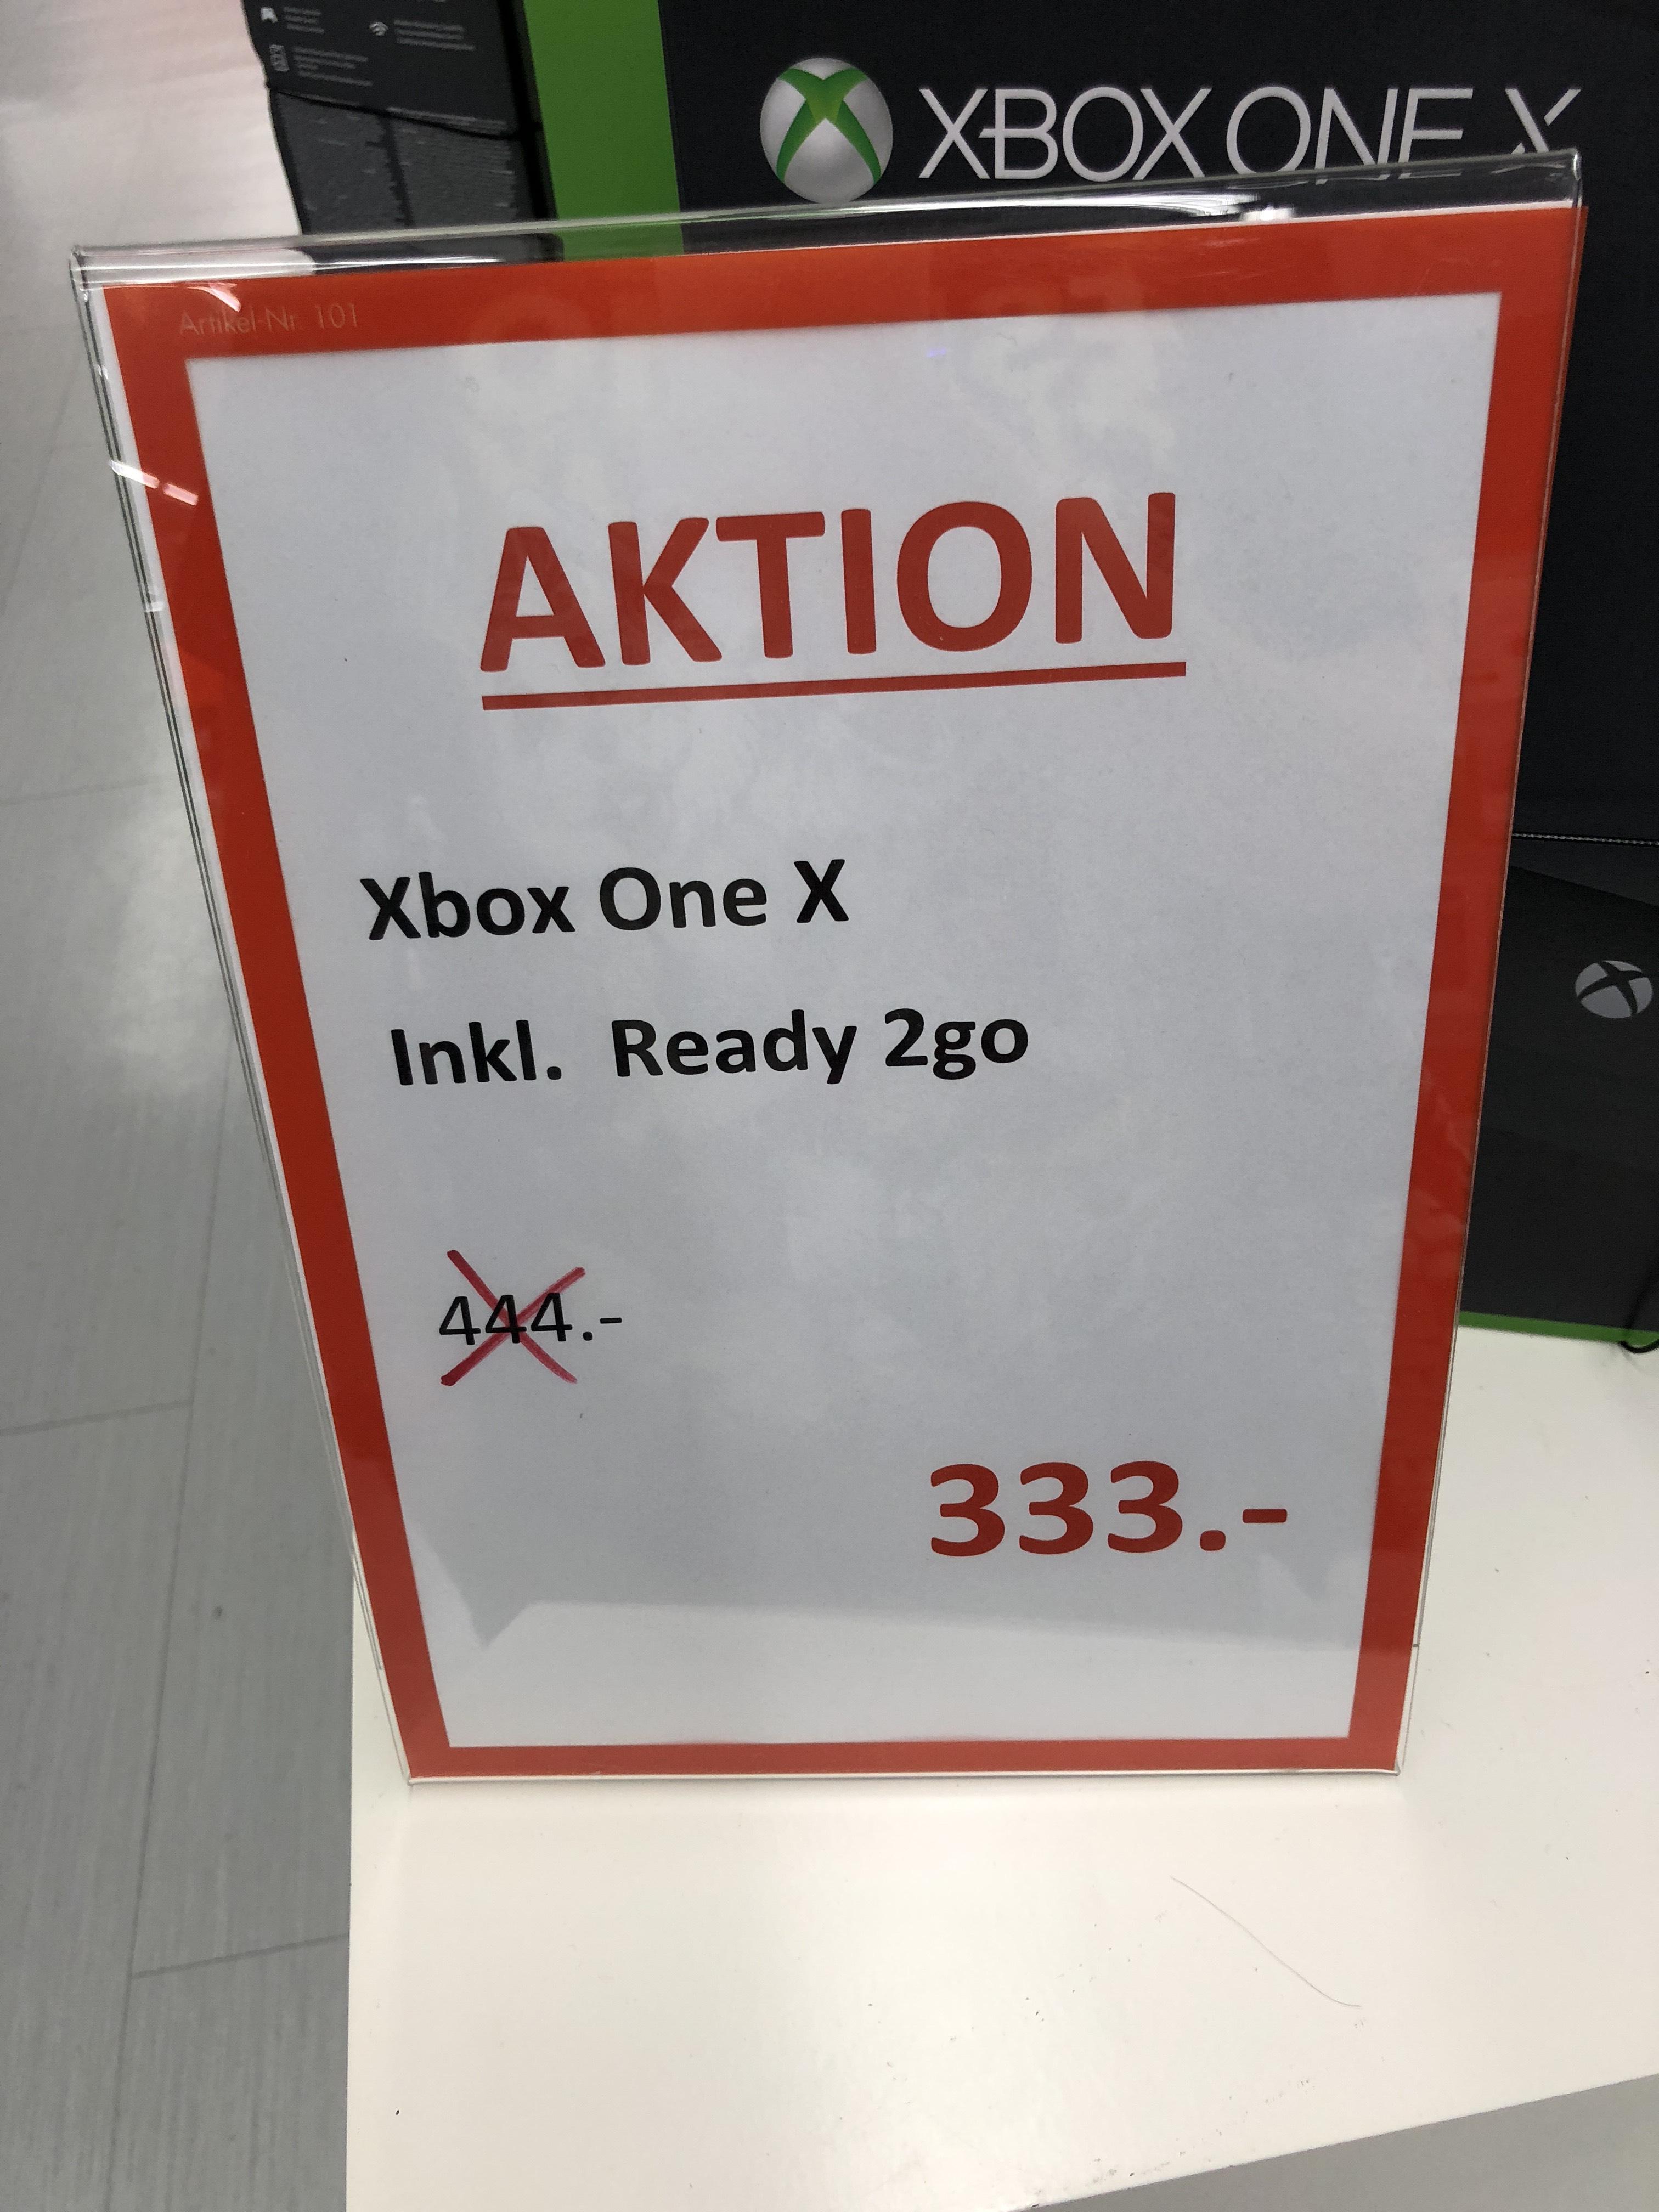 LOKAListische Microsoft Xbox One X 1TB Konsole, Standard Edition für 333€ inklusive Ready2Go im Wert von 29,90€ / LOKAL / Saturn Duisburg